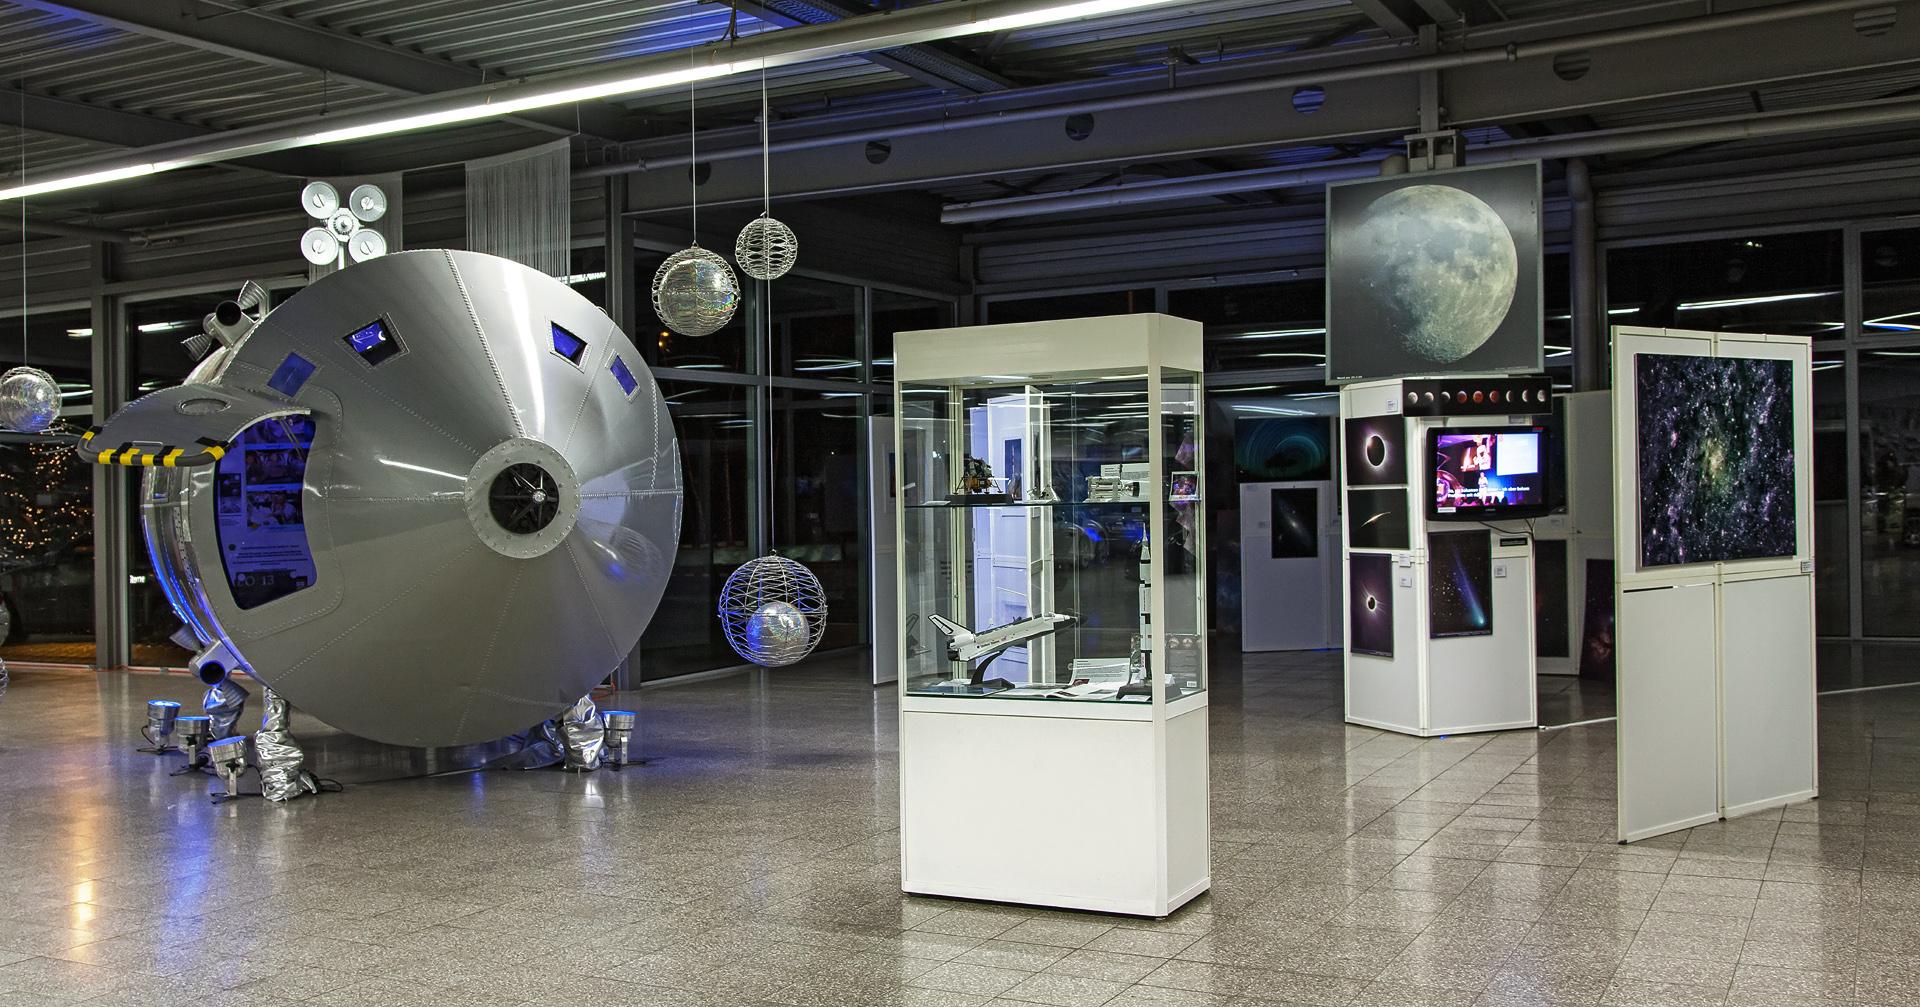 apollo-13-spaceexpo